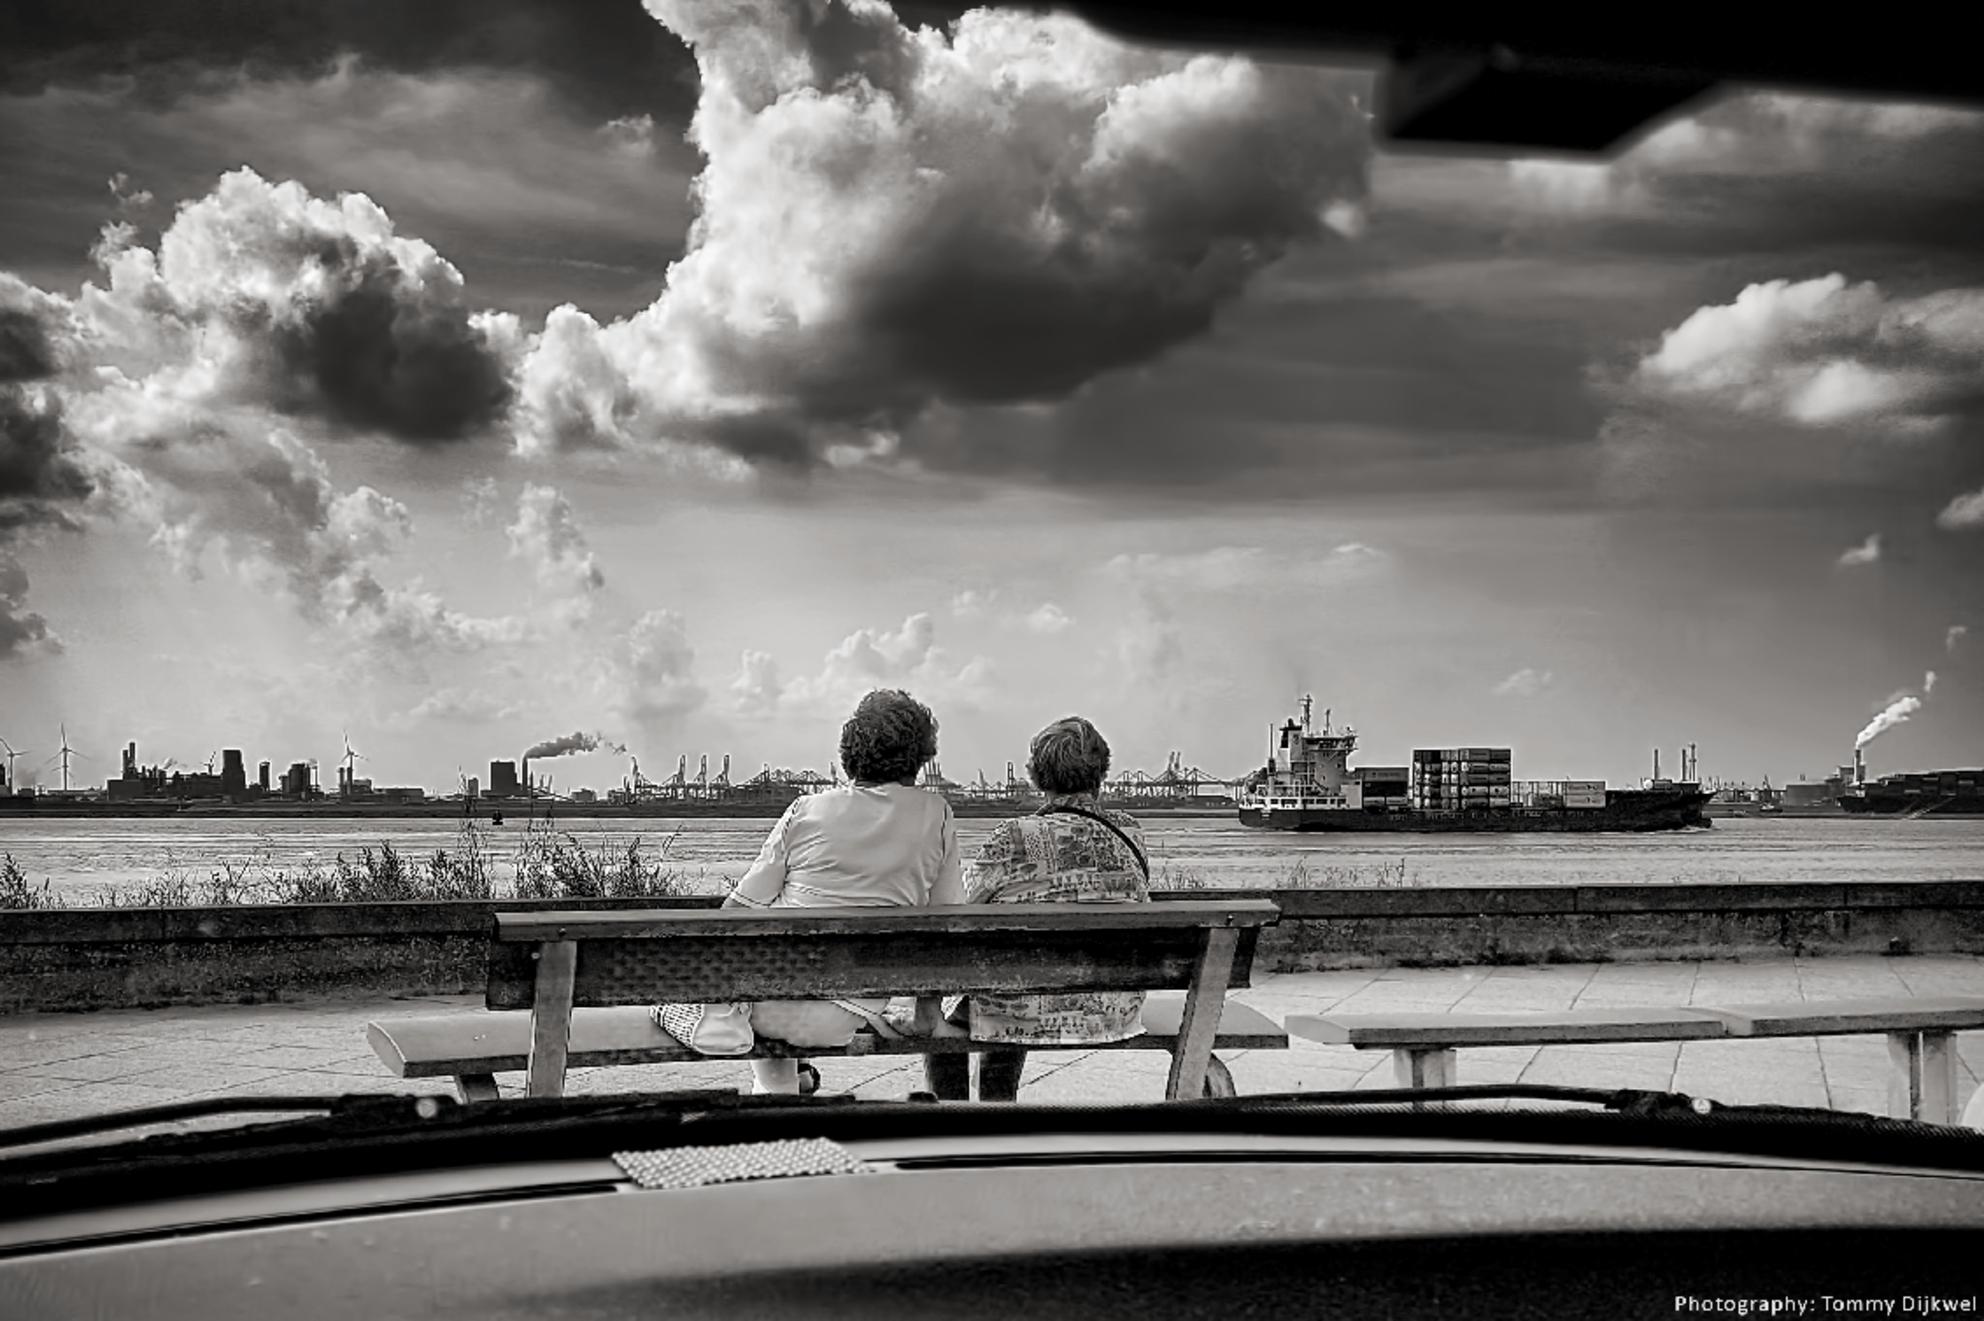 Lekker gezellig bootjes kijken - Aan de Nieuwe Waterweg kijkt men naar in- en uitgaand scheepvaartverkeer.   De luie fotograaf aan het werk; niet uitstappen en gewoon met de telefo - foto door TommyDijkwel op 06-12-2017 - deze foto bevat: telefoon, maasvlakte, scheepvaart, straatfotografie, nieuwe waterweg, hoek van holland, Oude besjes